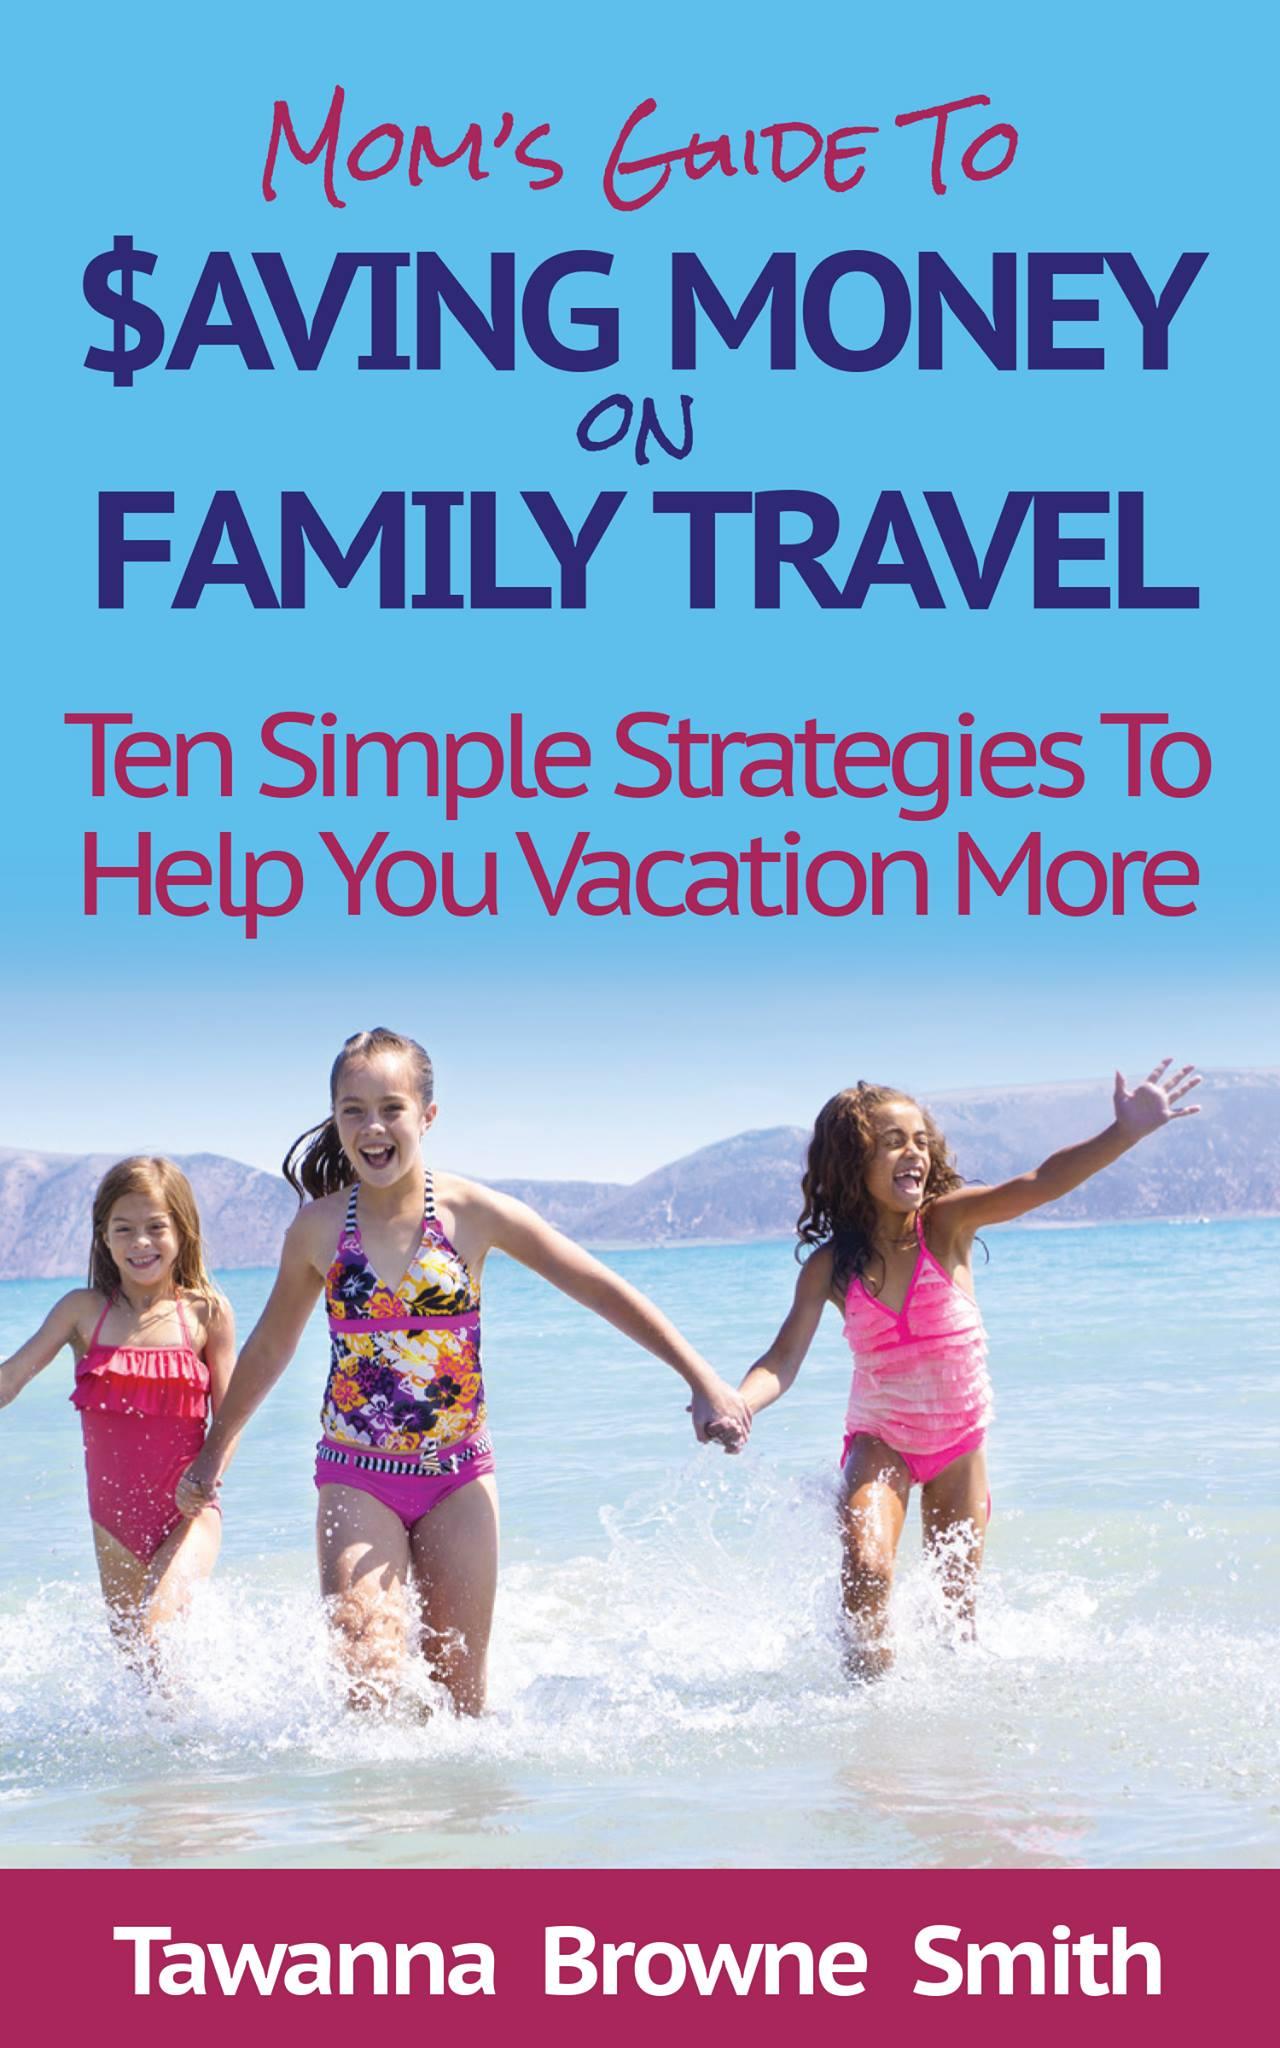 Moms-Guide-to-Saving-Money-on-Family-Travel.jpg